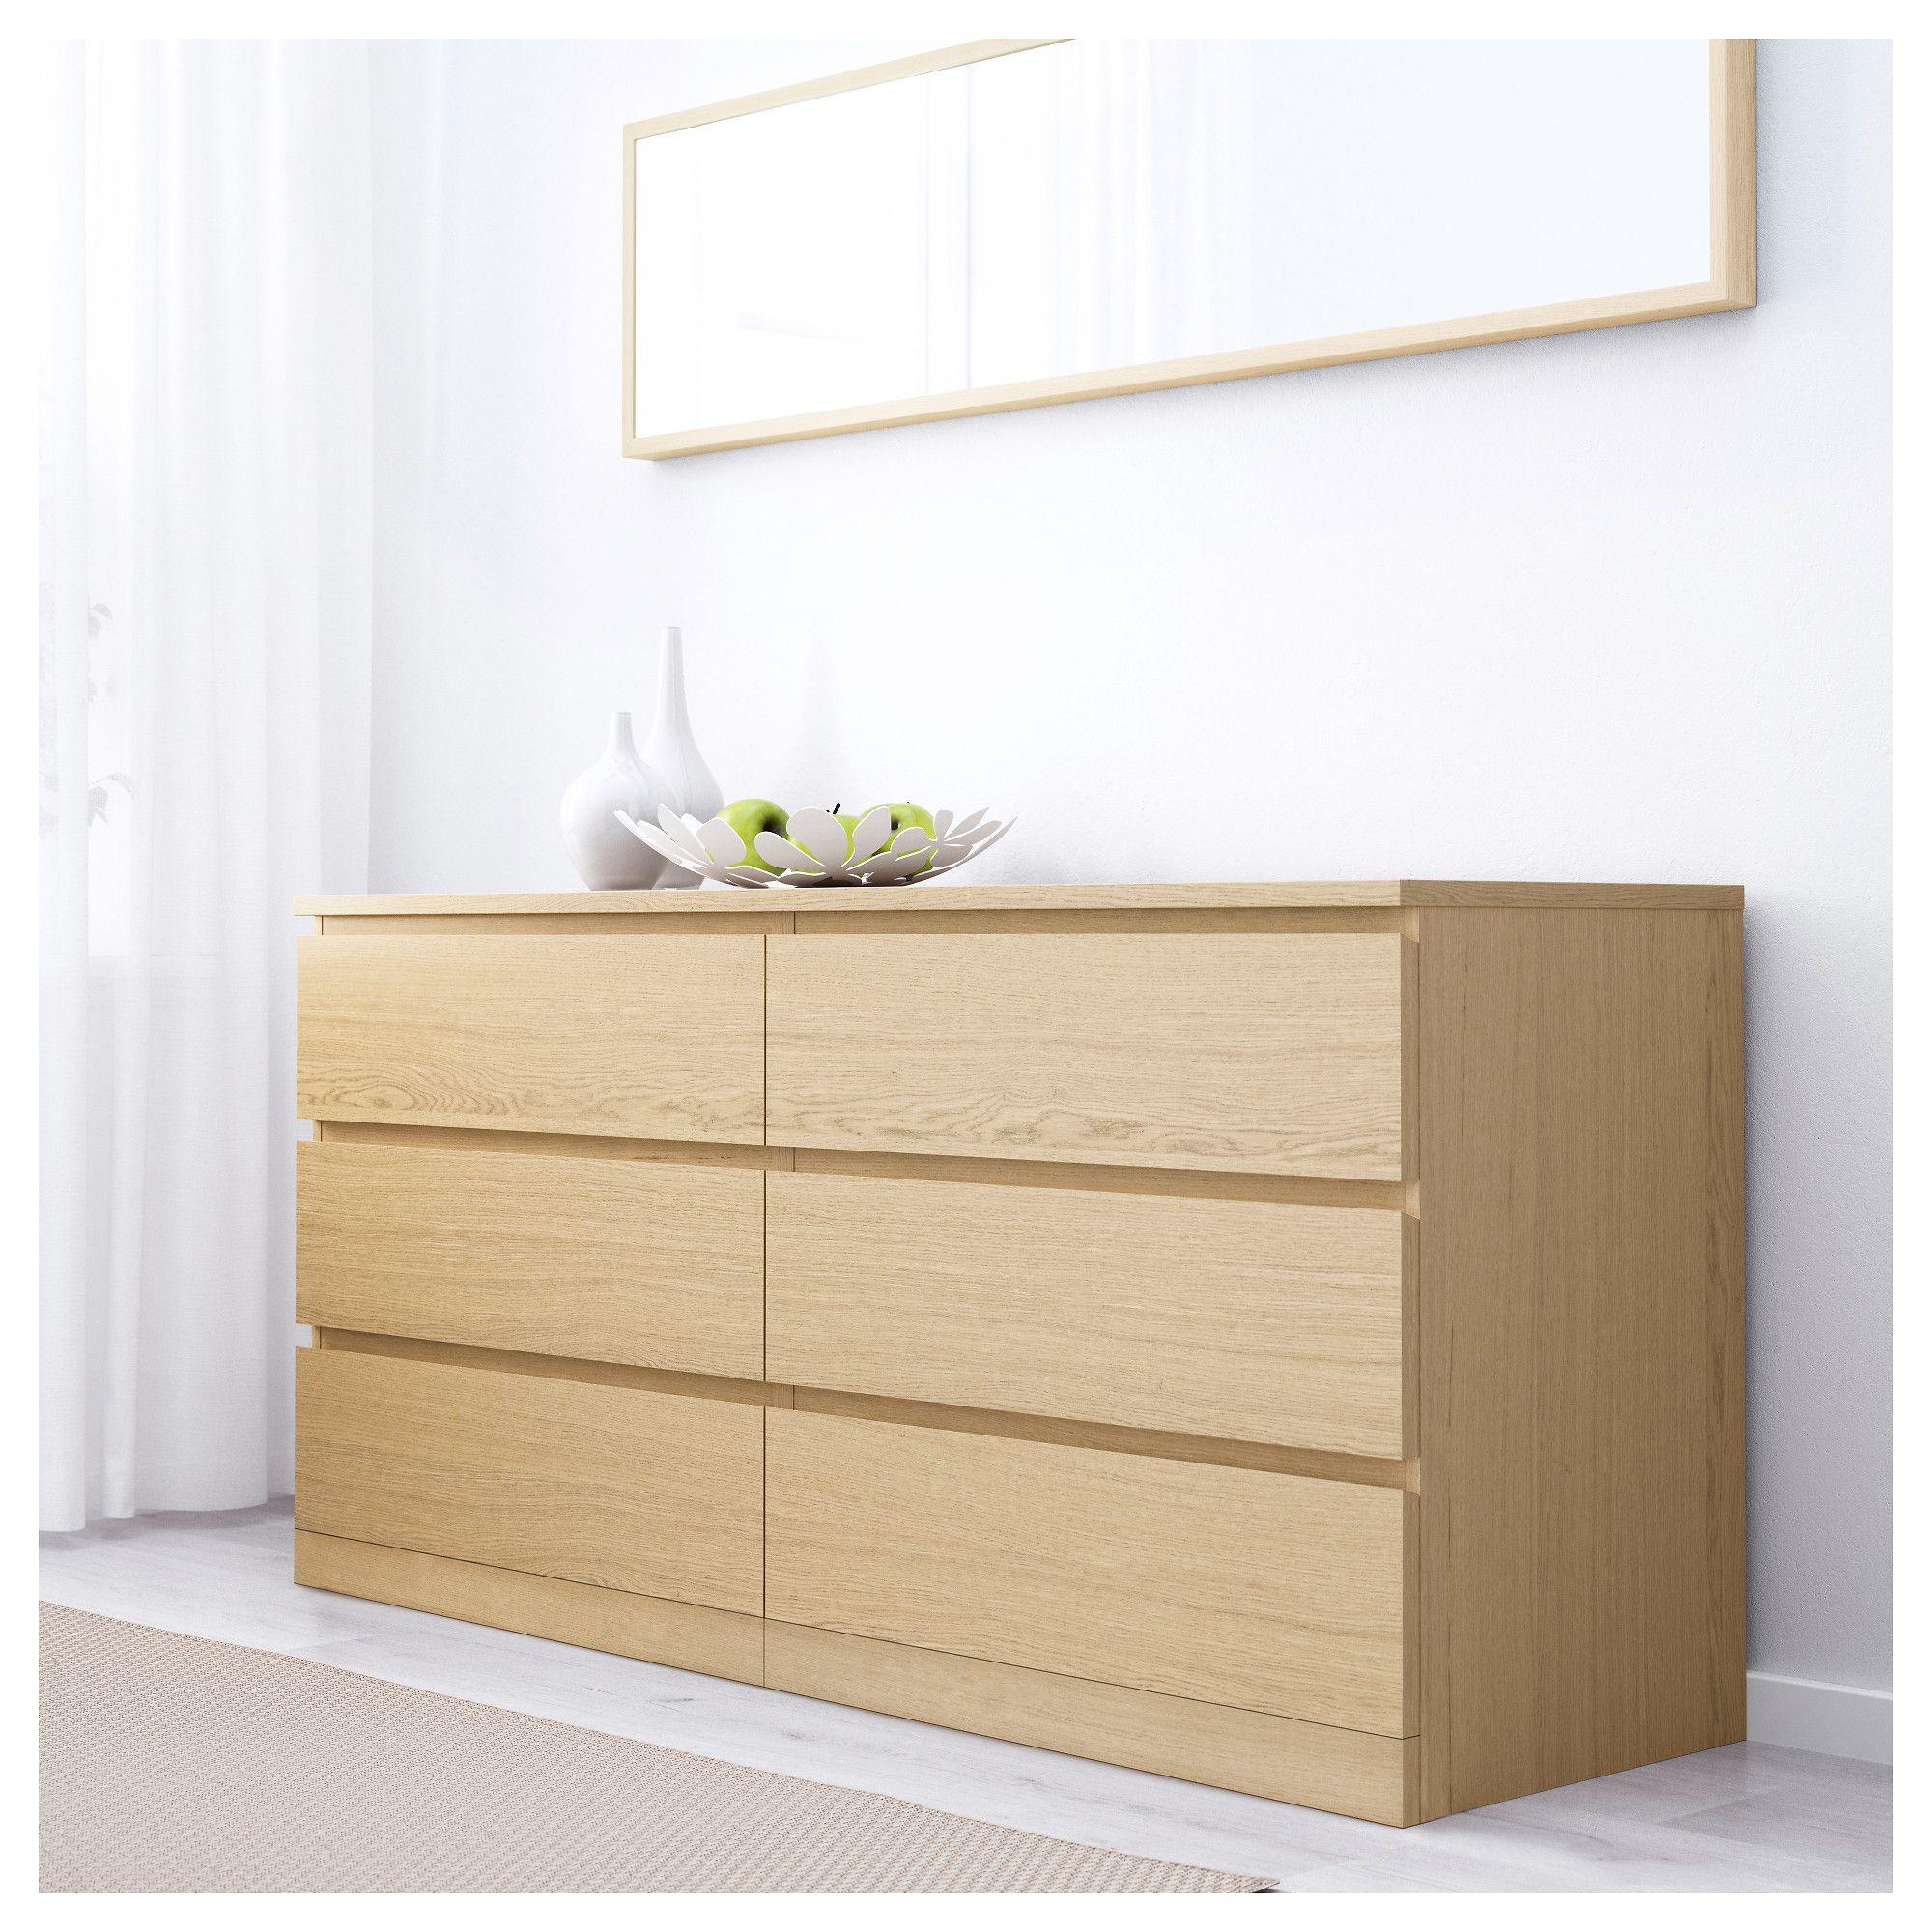 Malm 6 Drawer Dresser White Stained Oak Veneer